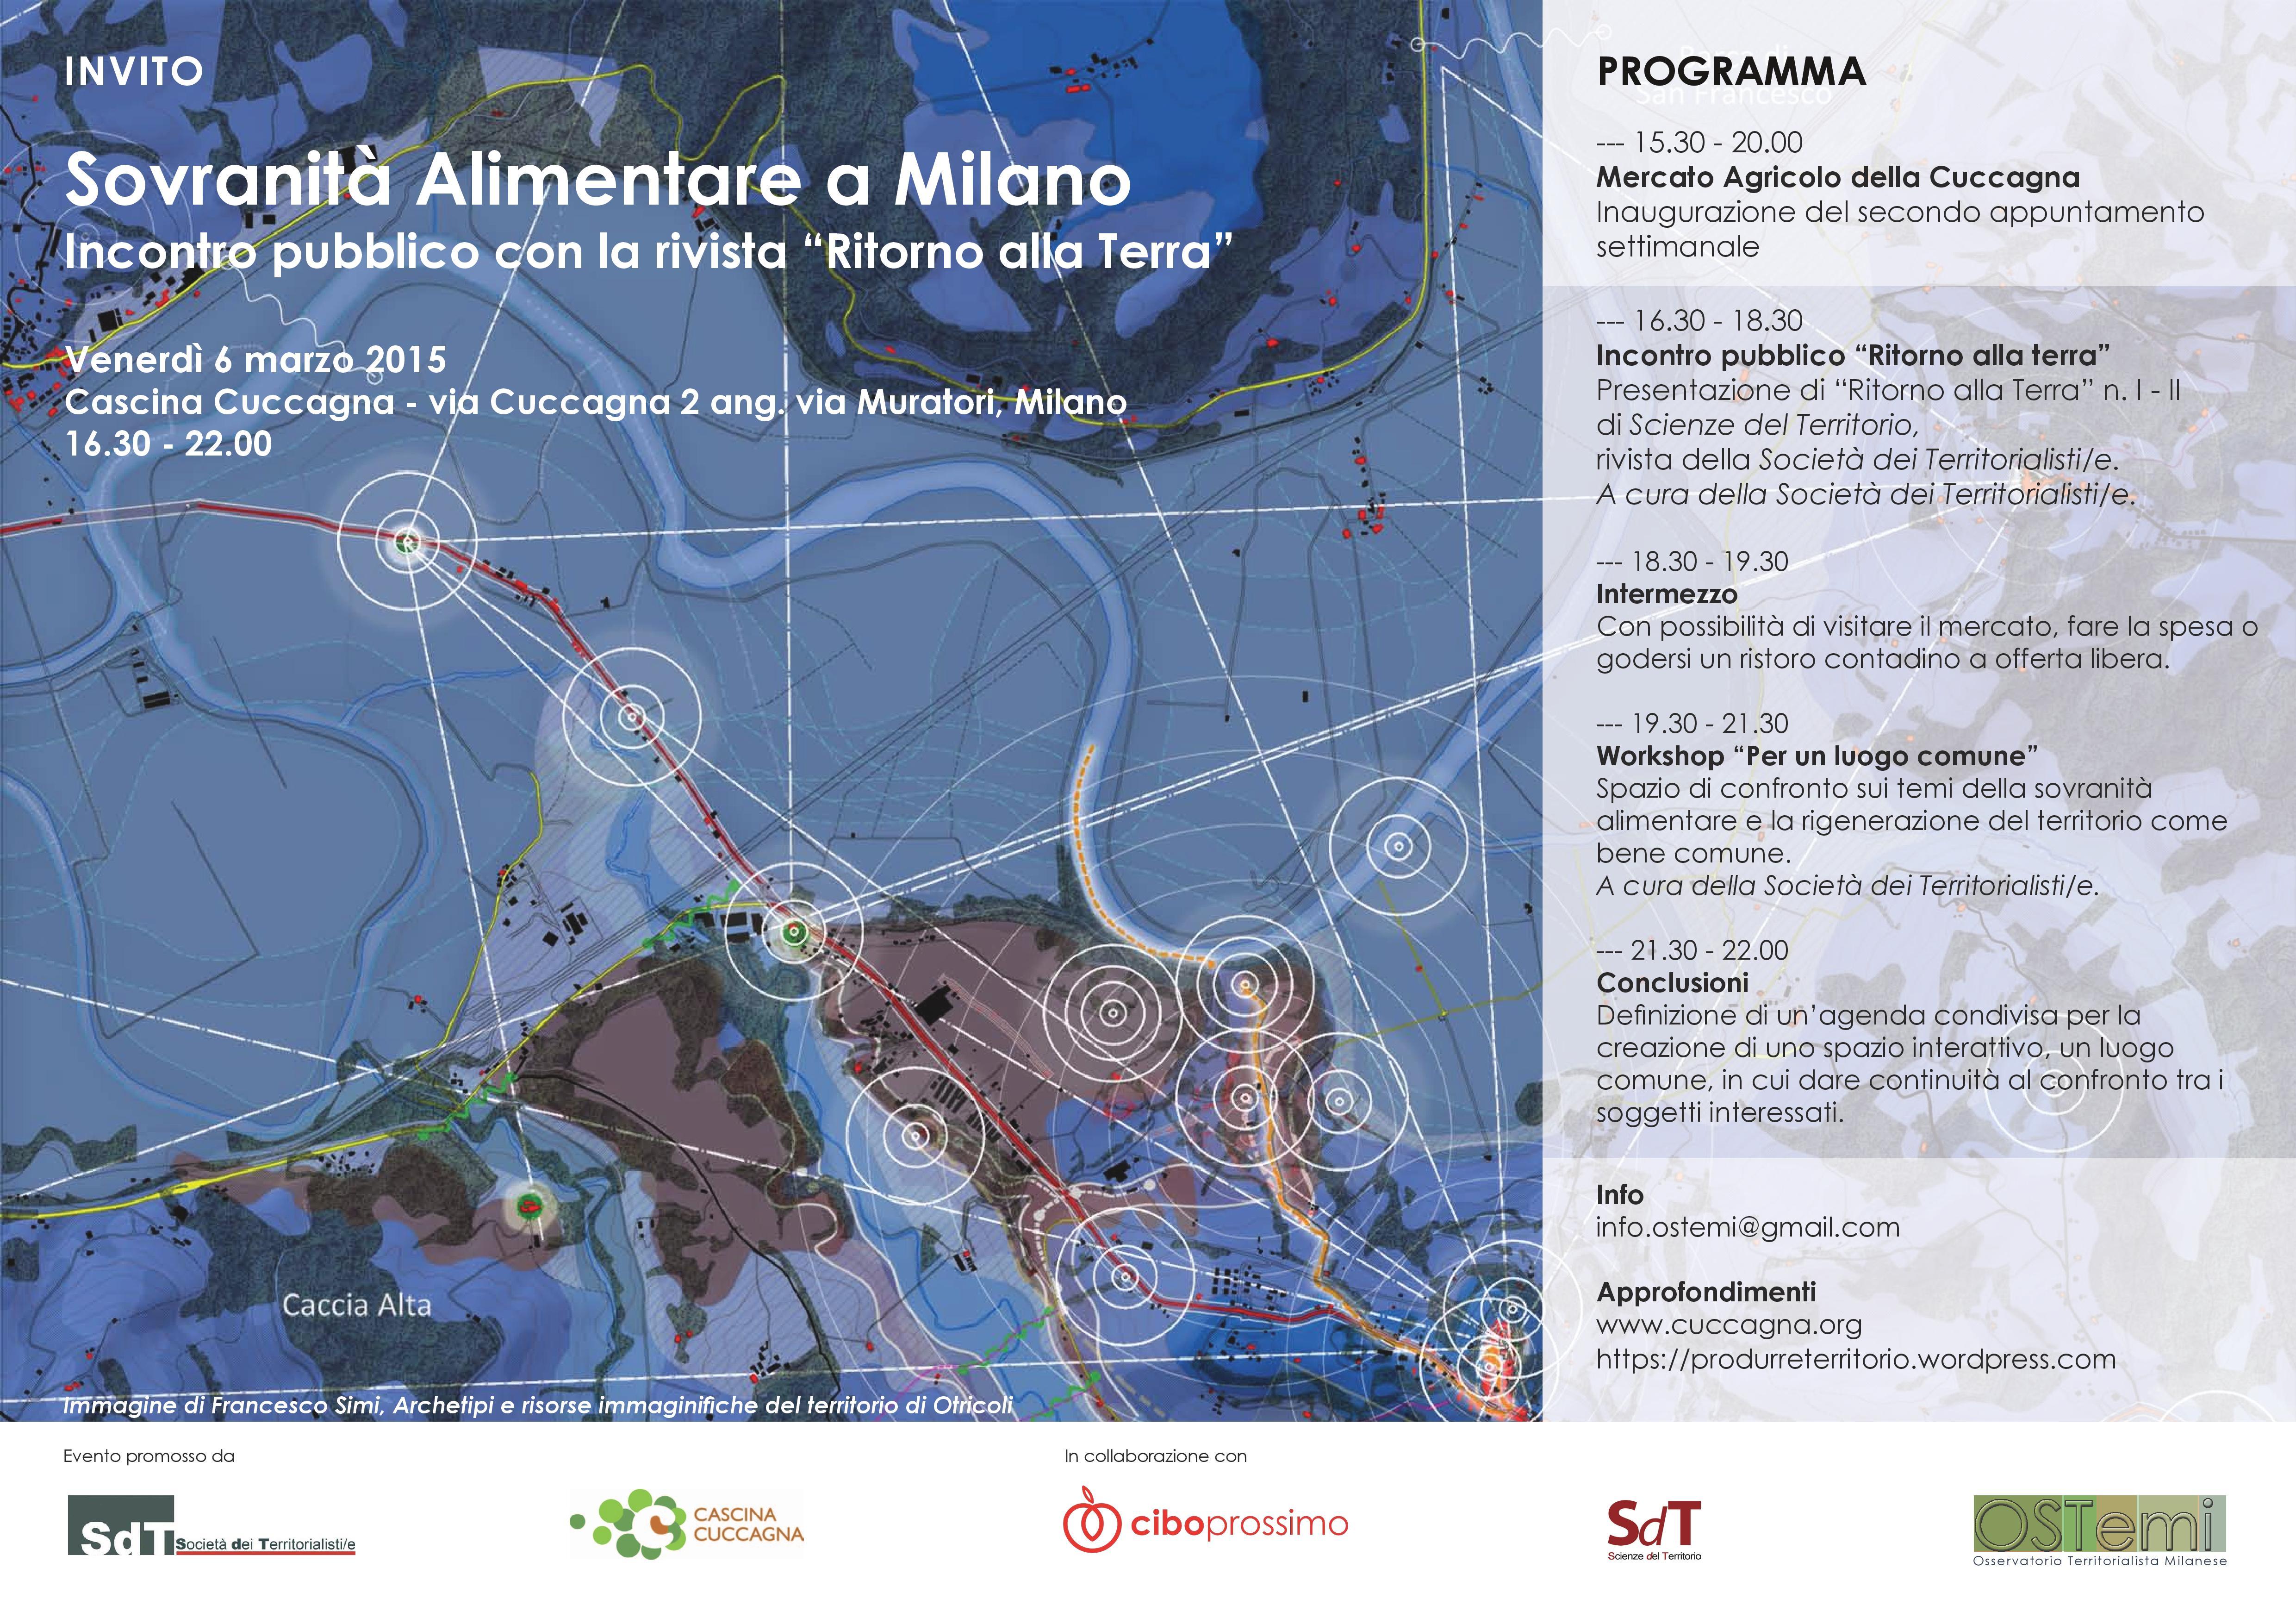 Sovranità Alimentare a Milano - Locandina